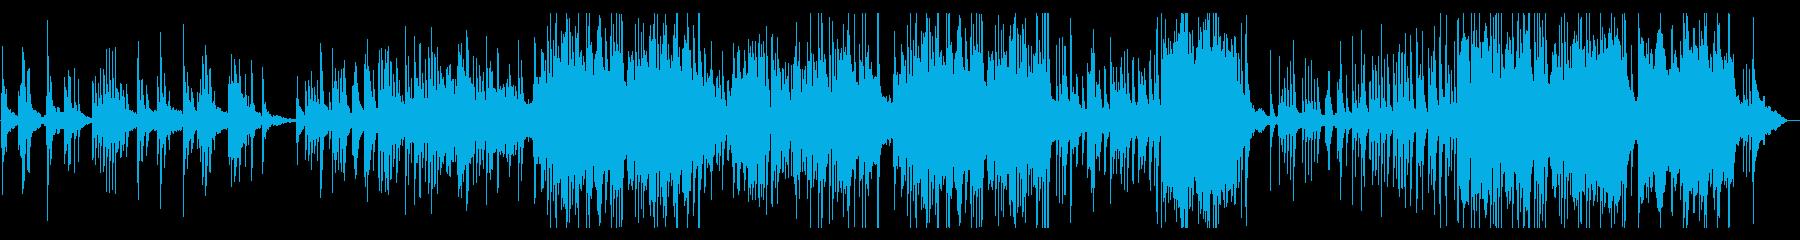 メロディアスなピアノソロの再生済みの波形